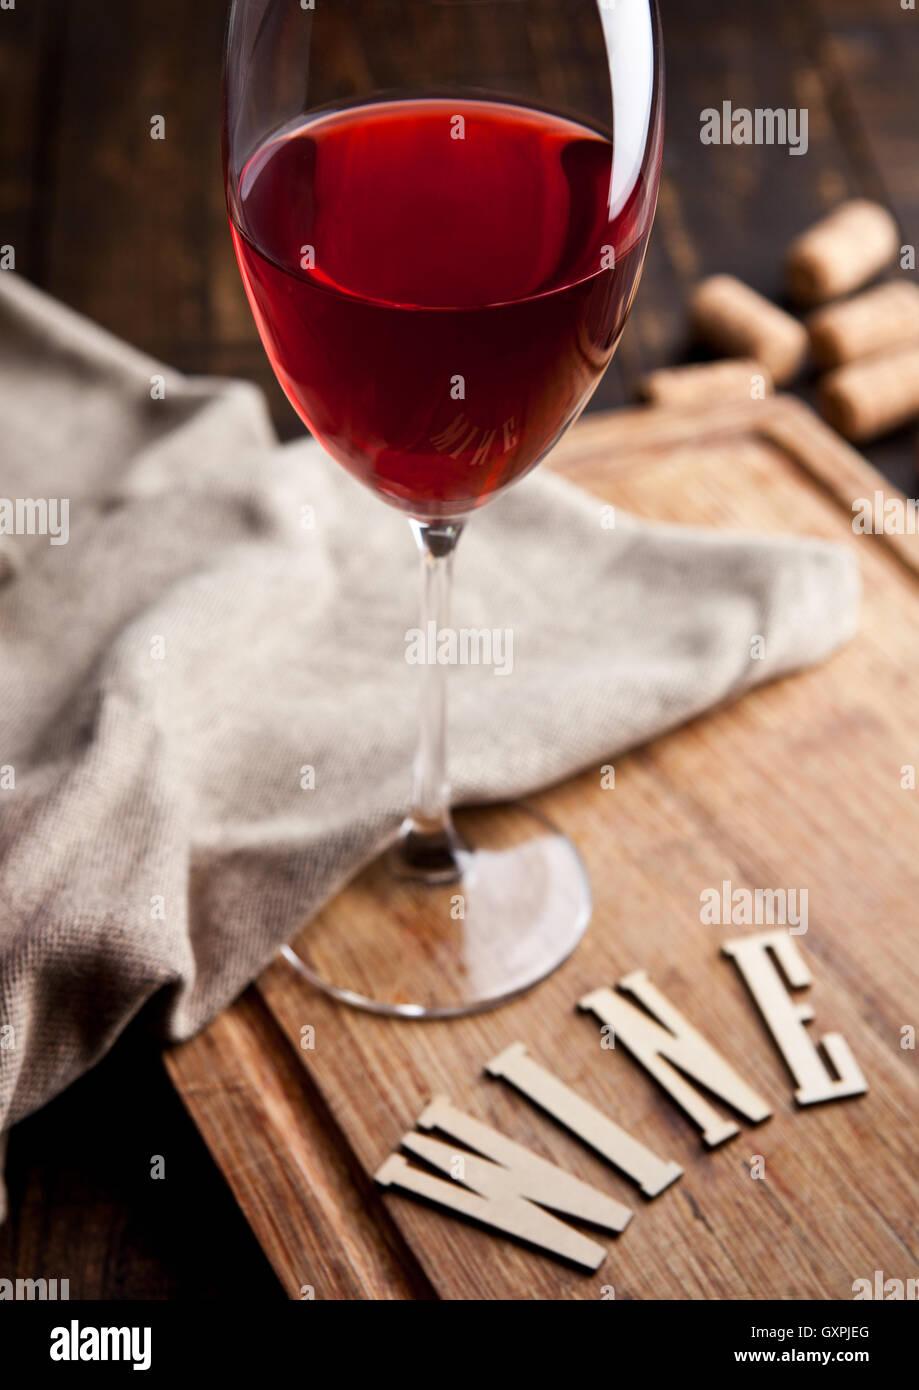 Glas Rotwein auf Holzbrett mit Küchentuch und mit Buchstaben und ...